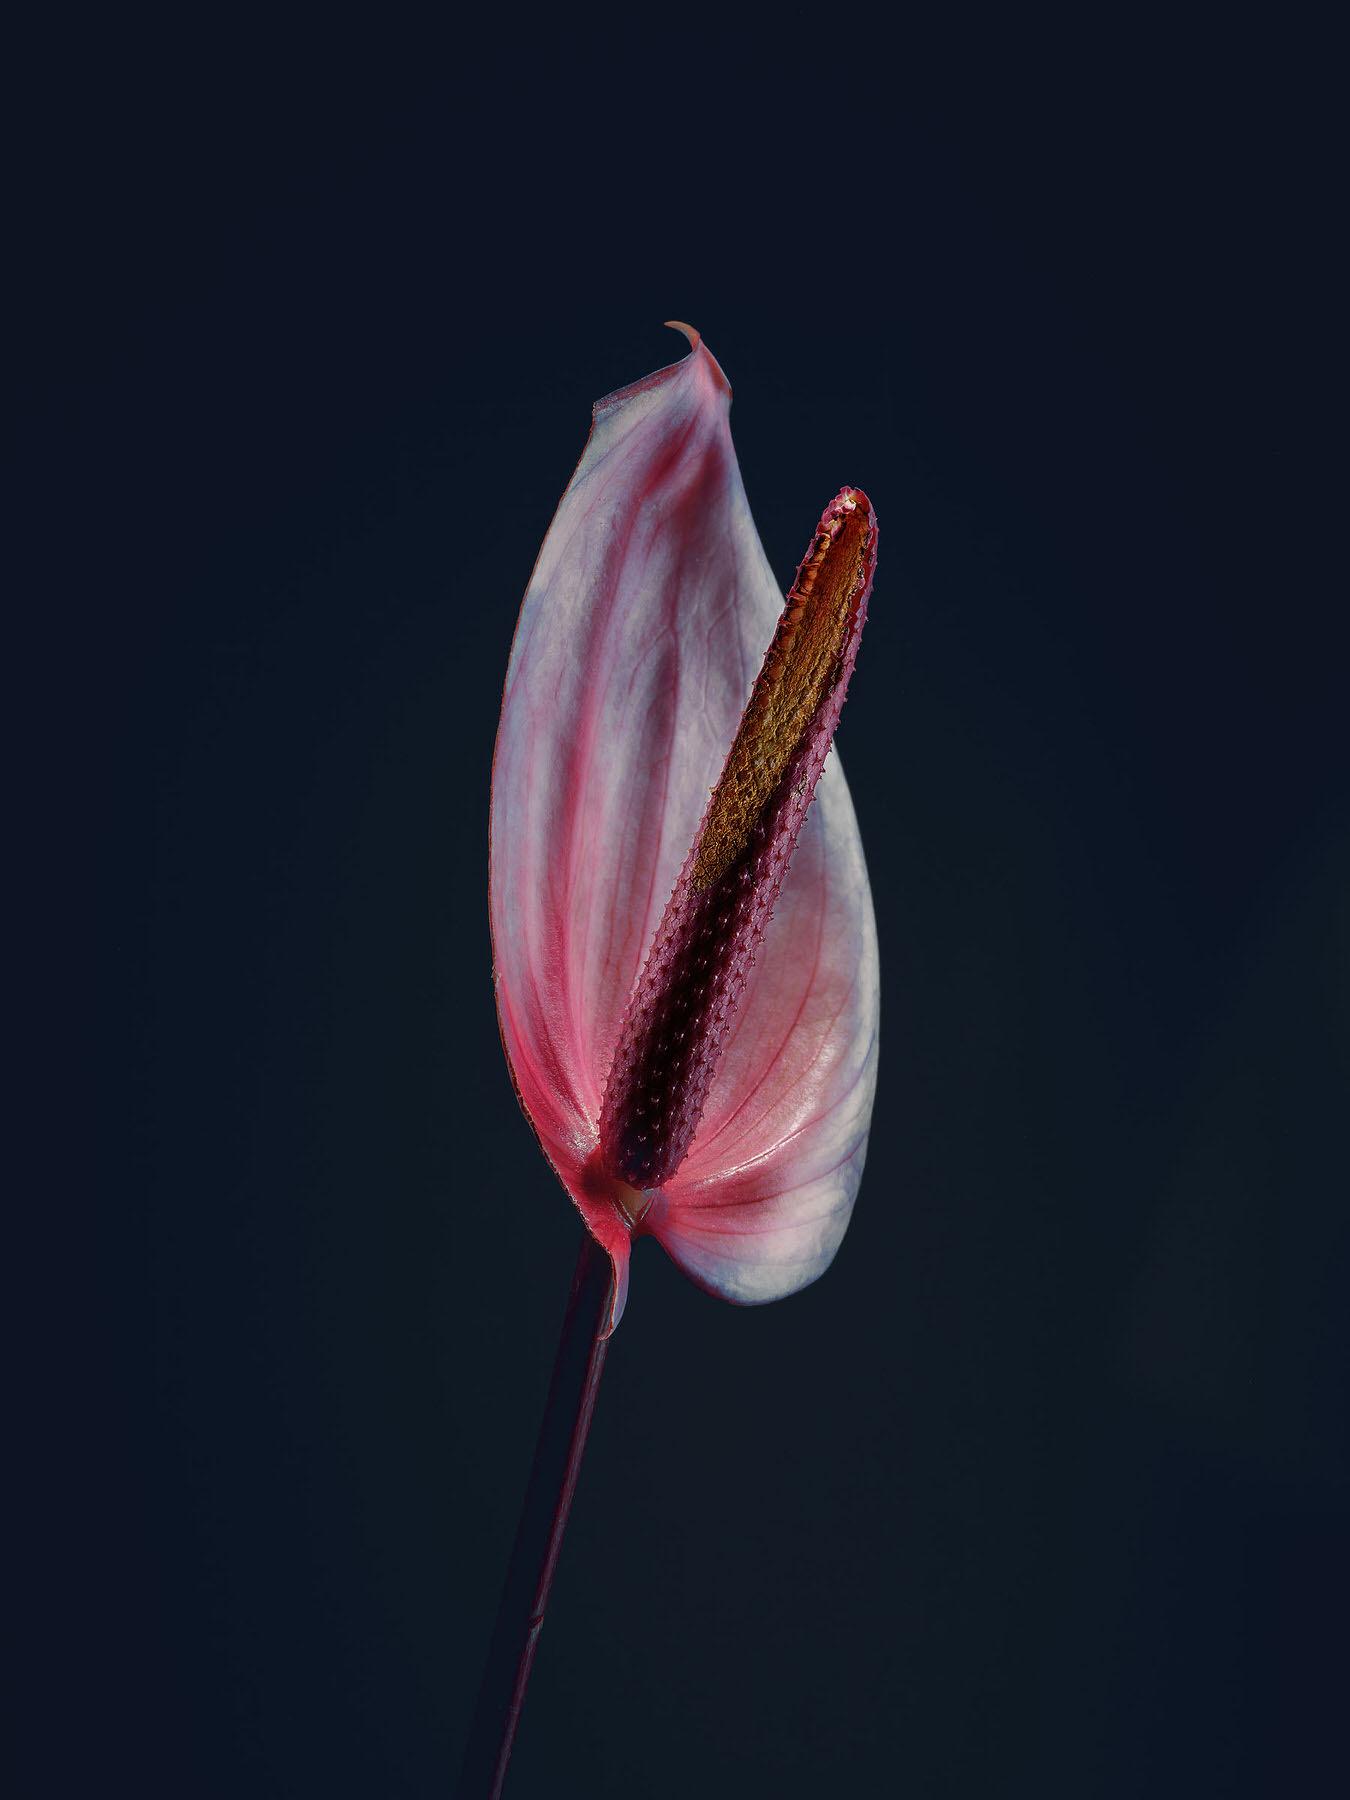 Simon_Puschmann_assaulted-flowers_anthurium.jpg